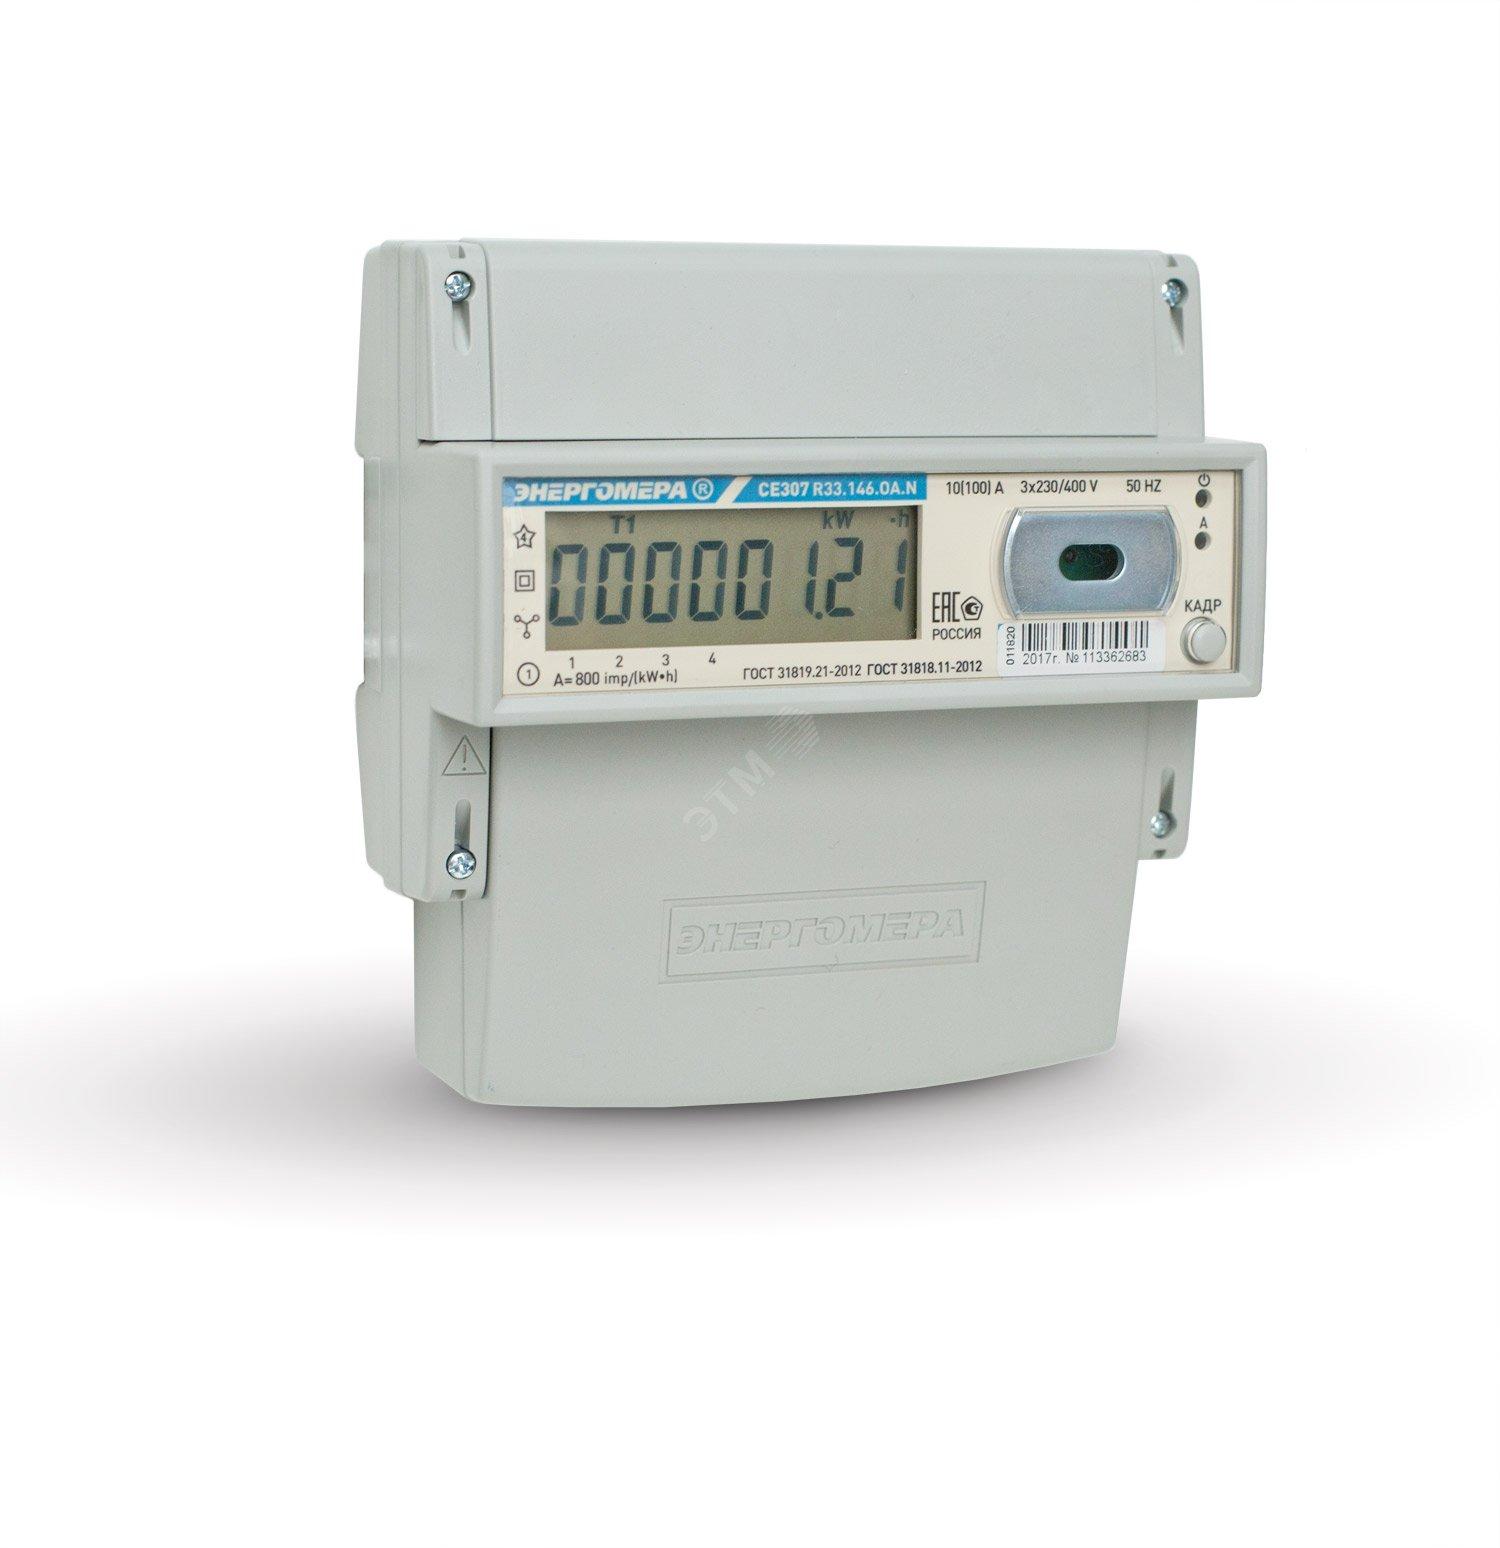 Стоимость электросчетчика пенза